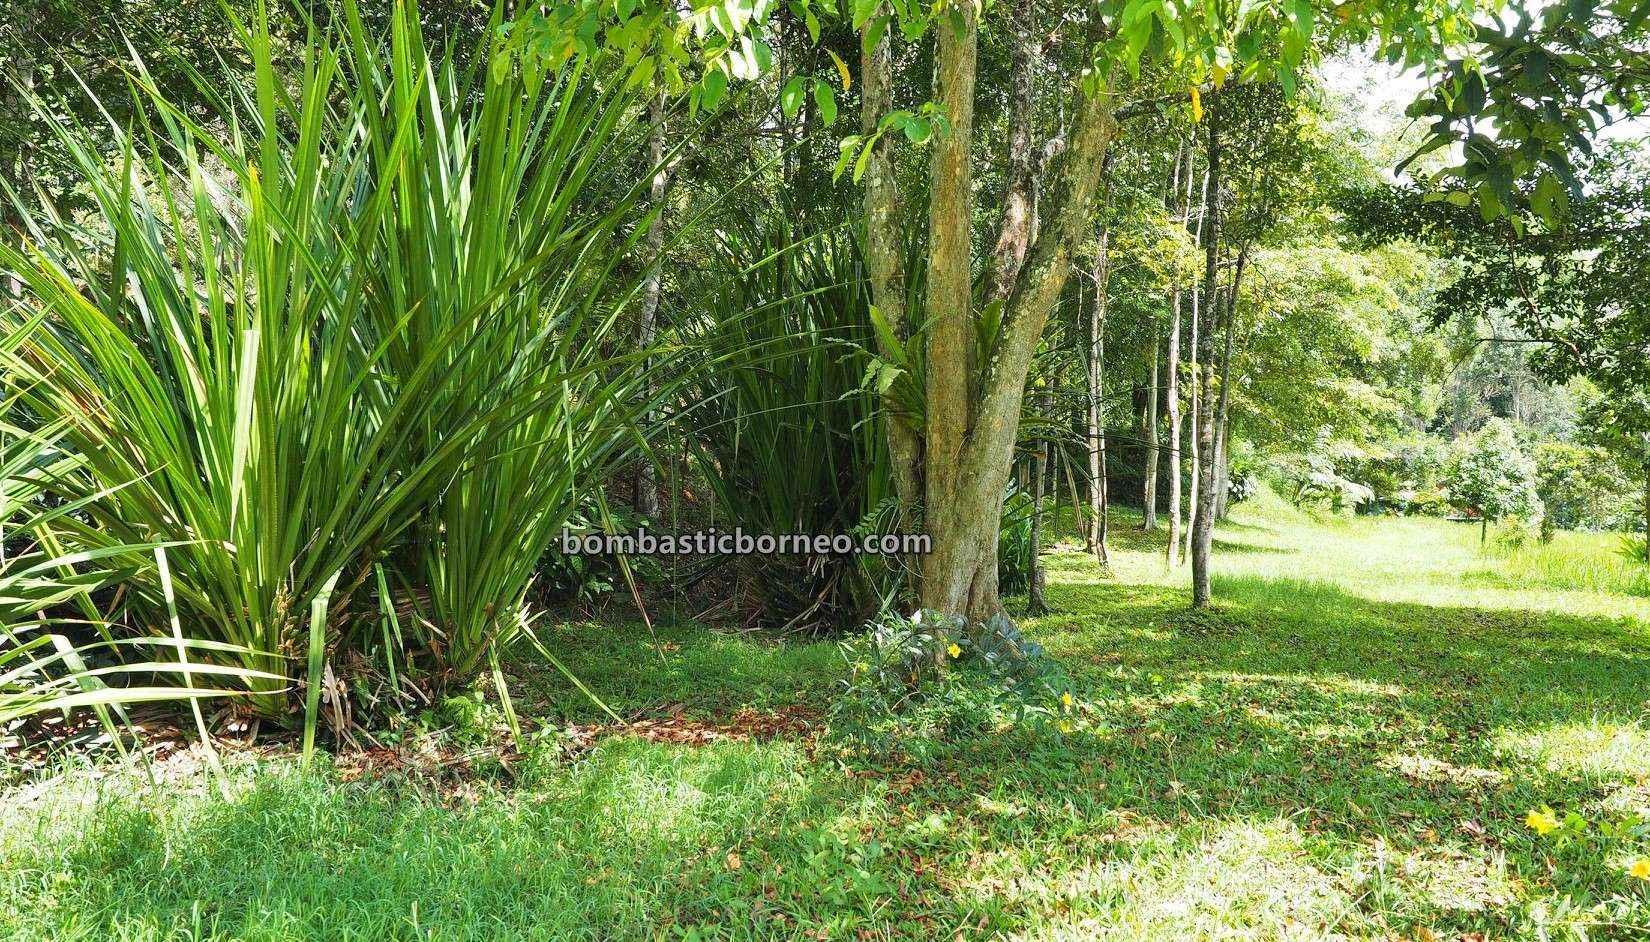 Asang Langai homestay, Botanical Garden, Taman Botani, adventure, nature, outdoor, fruits farms, Herbal Plant, Ba'kelalan, exploration, Highlands, Sarawak, Malaysia, Ecotourism, Trans Borneo,